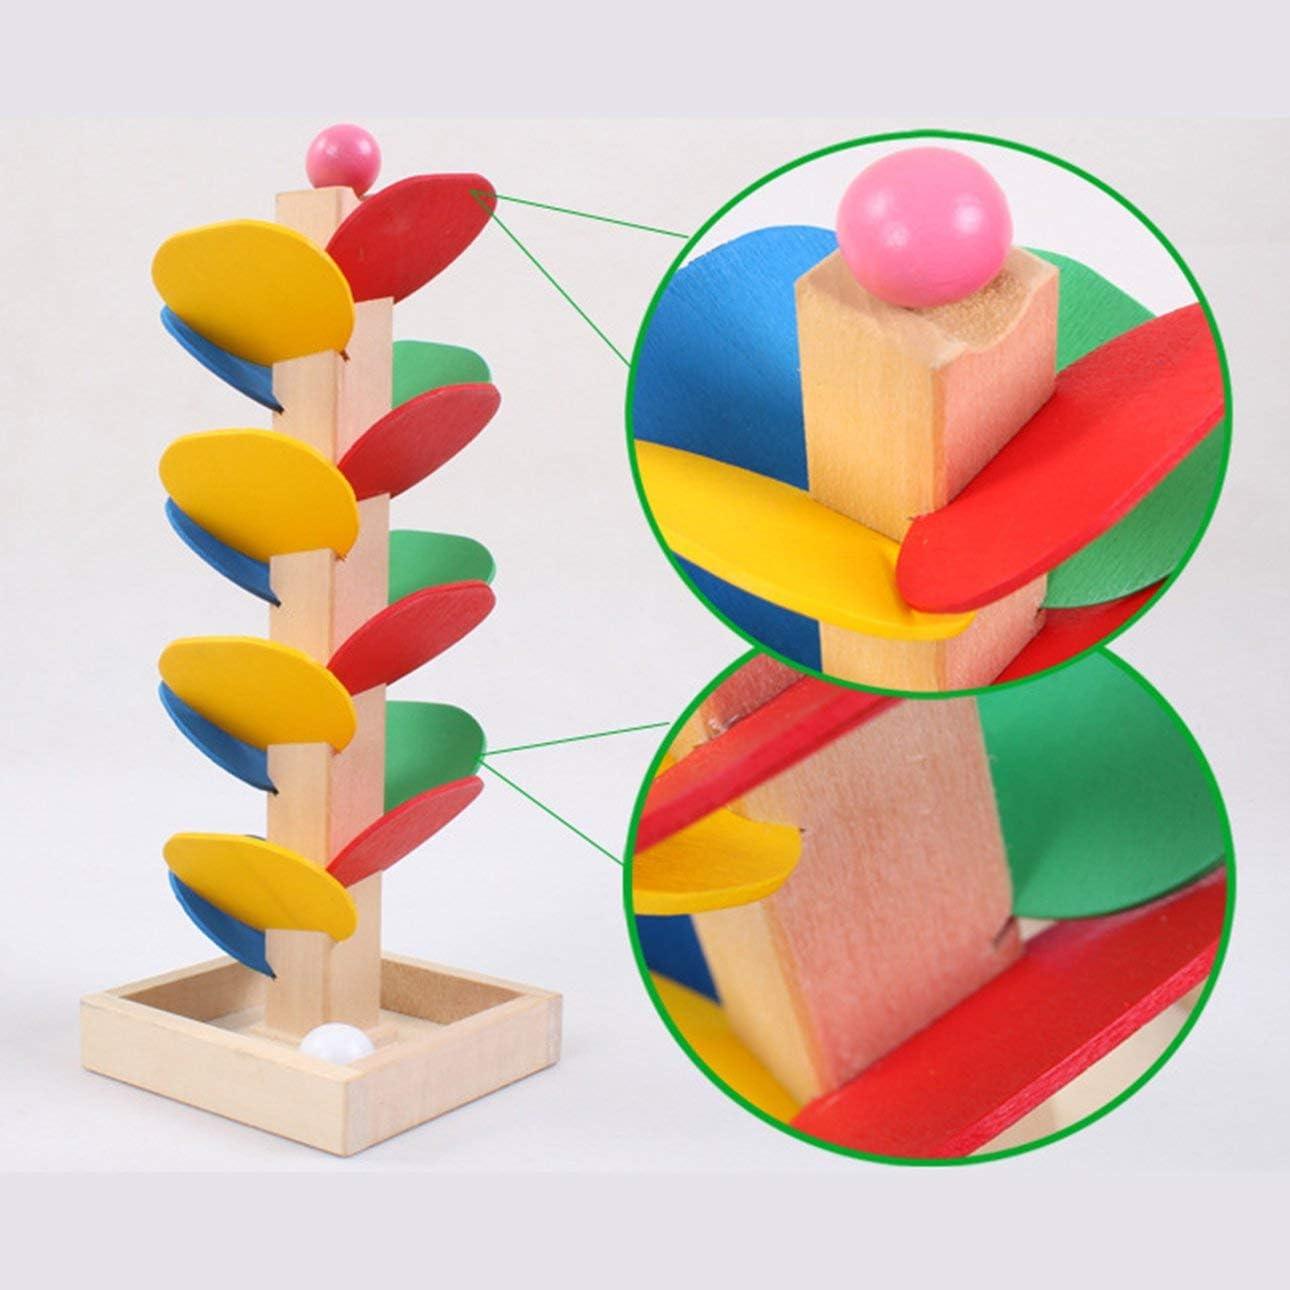 Celerhuak Montessori Jouet /Éducatif Arbre en Bois Marbre Balle Piste Piste Jeux B/éb/é Enfants Intelligence Jouet /Éducatif